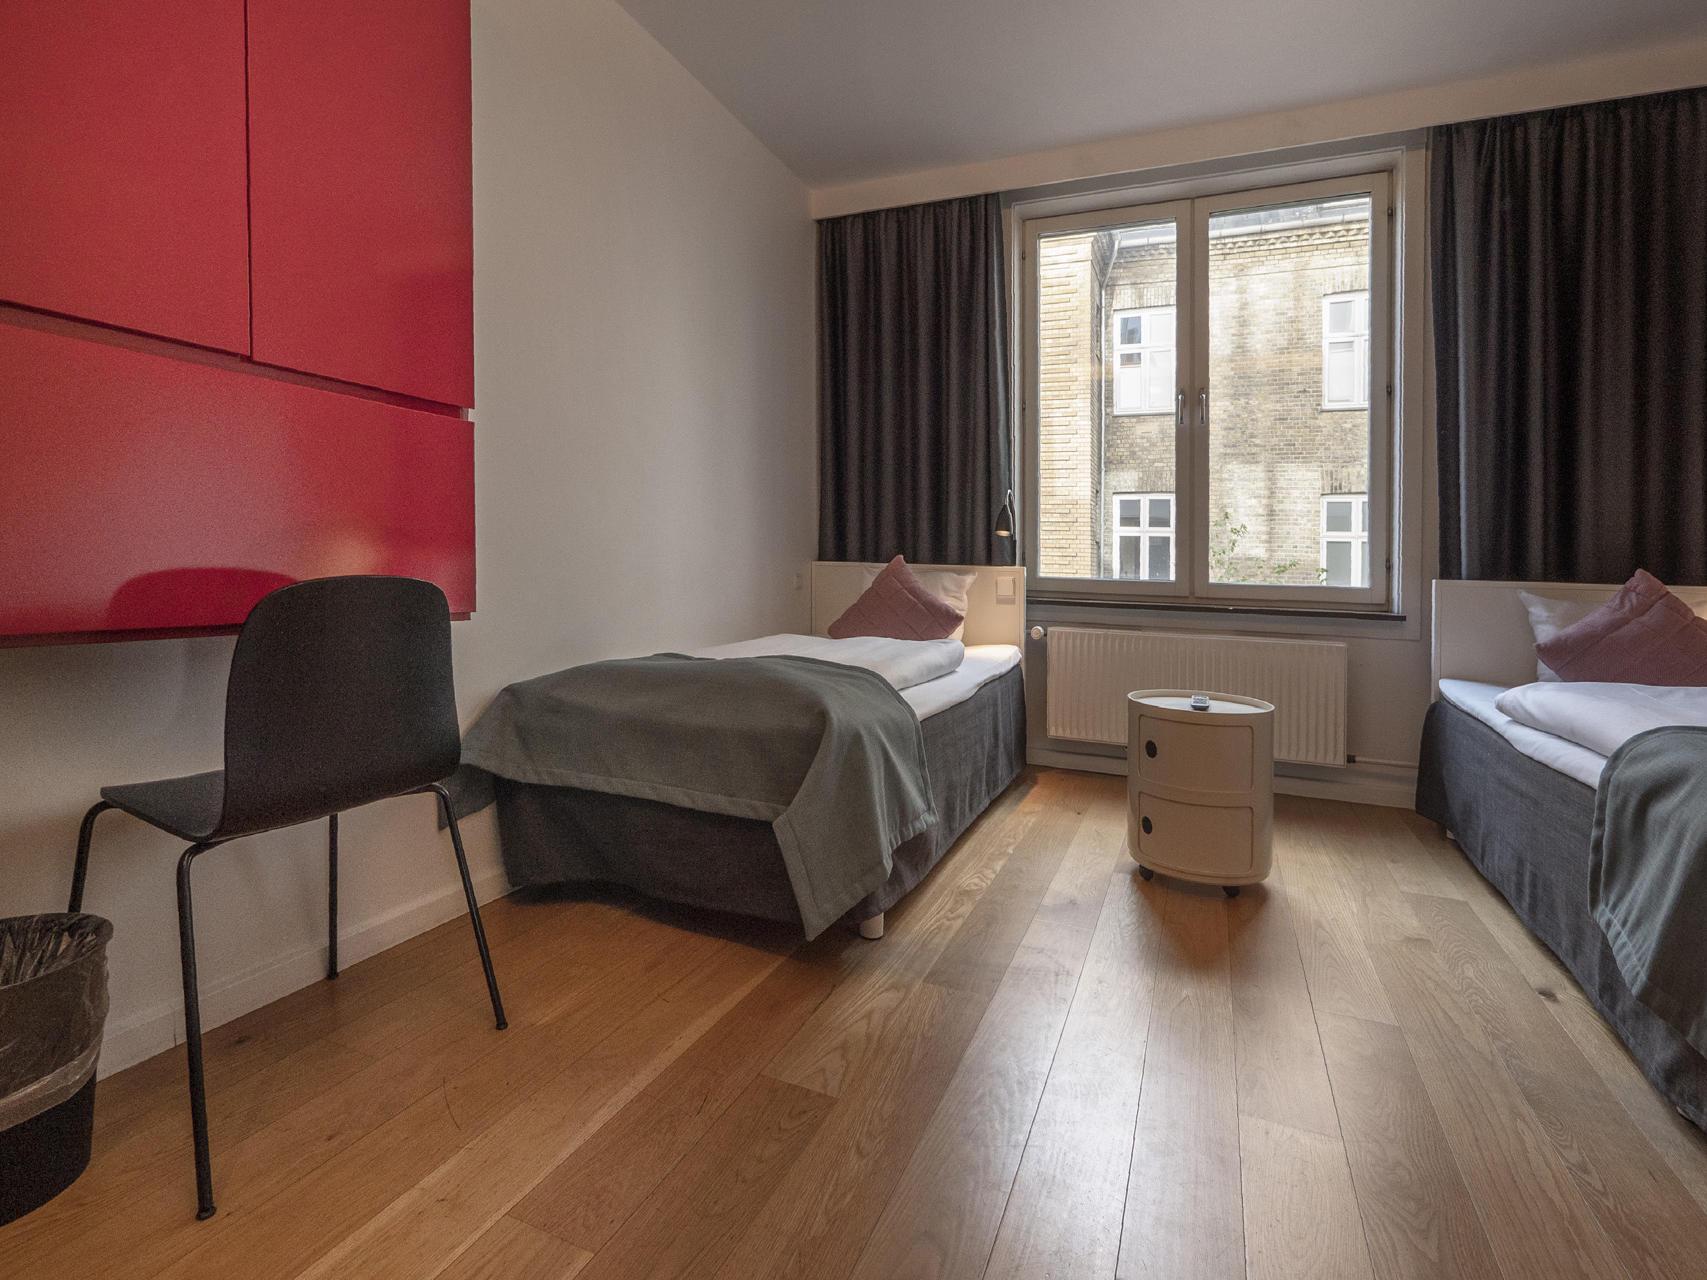 Standard Twin Room at Hotel Twentyseven Copenhagen